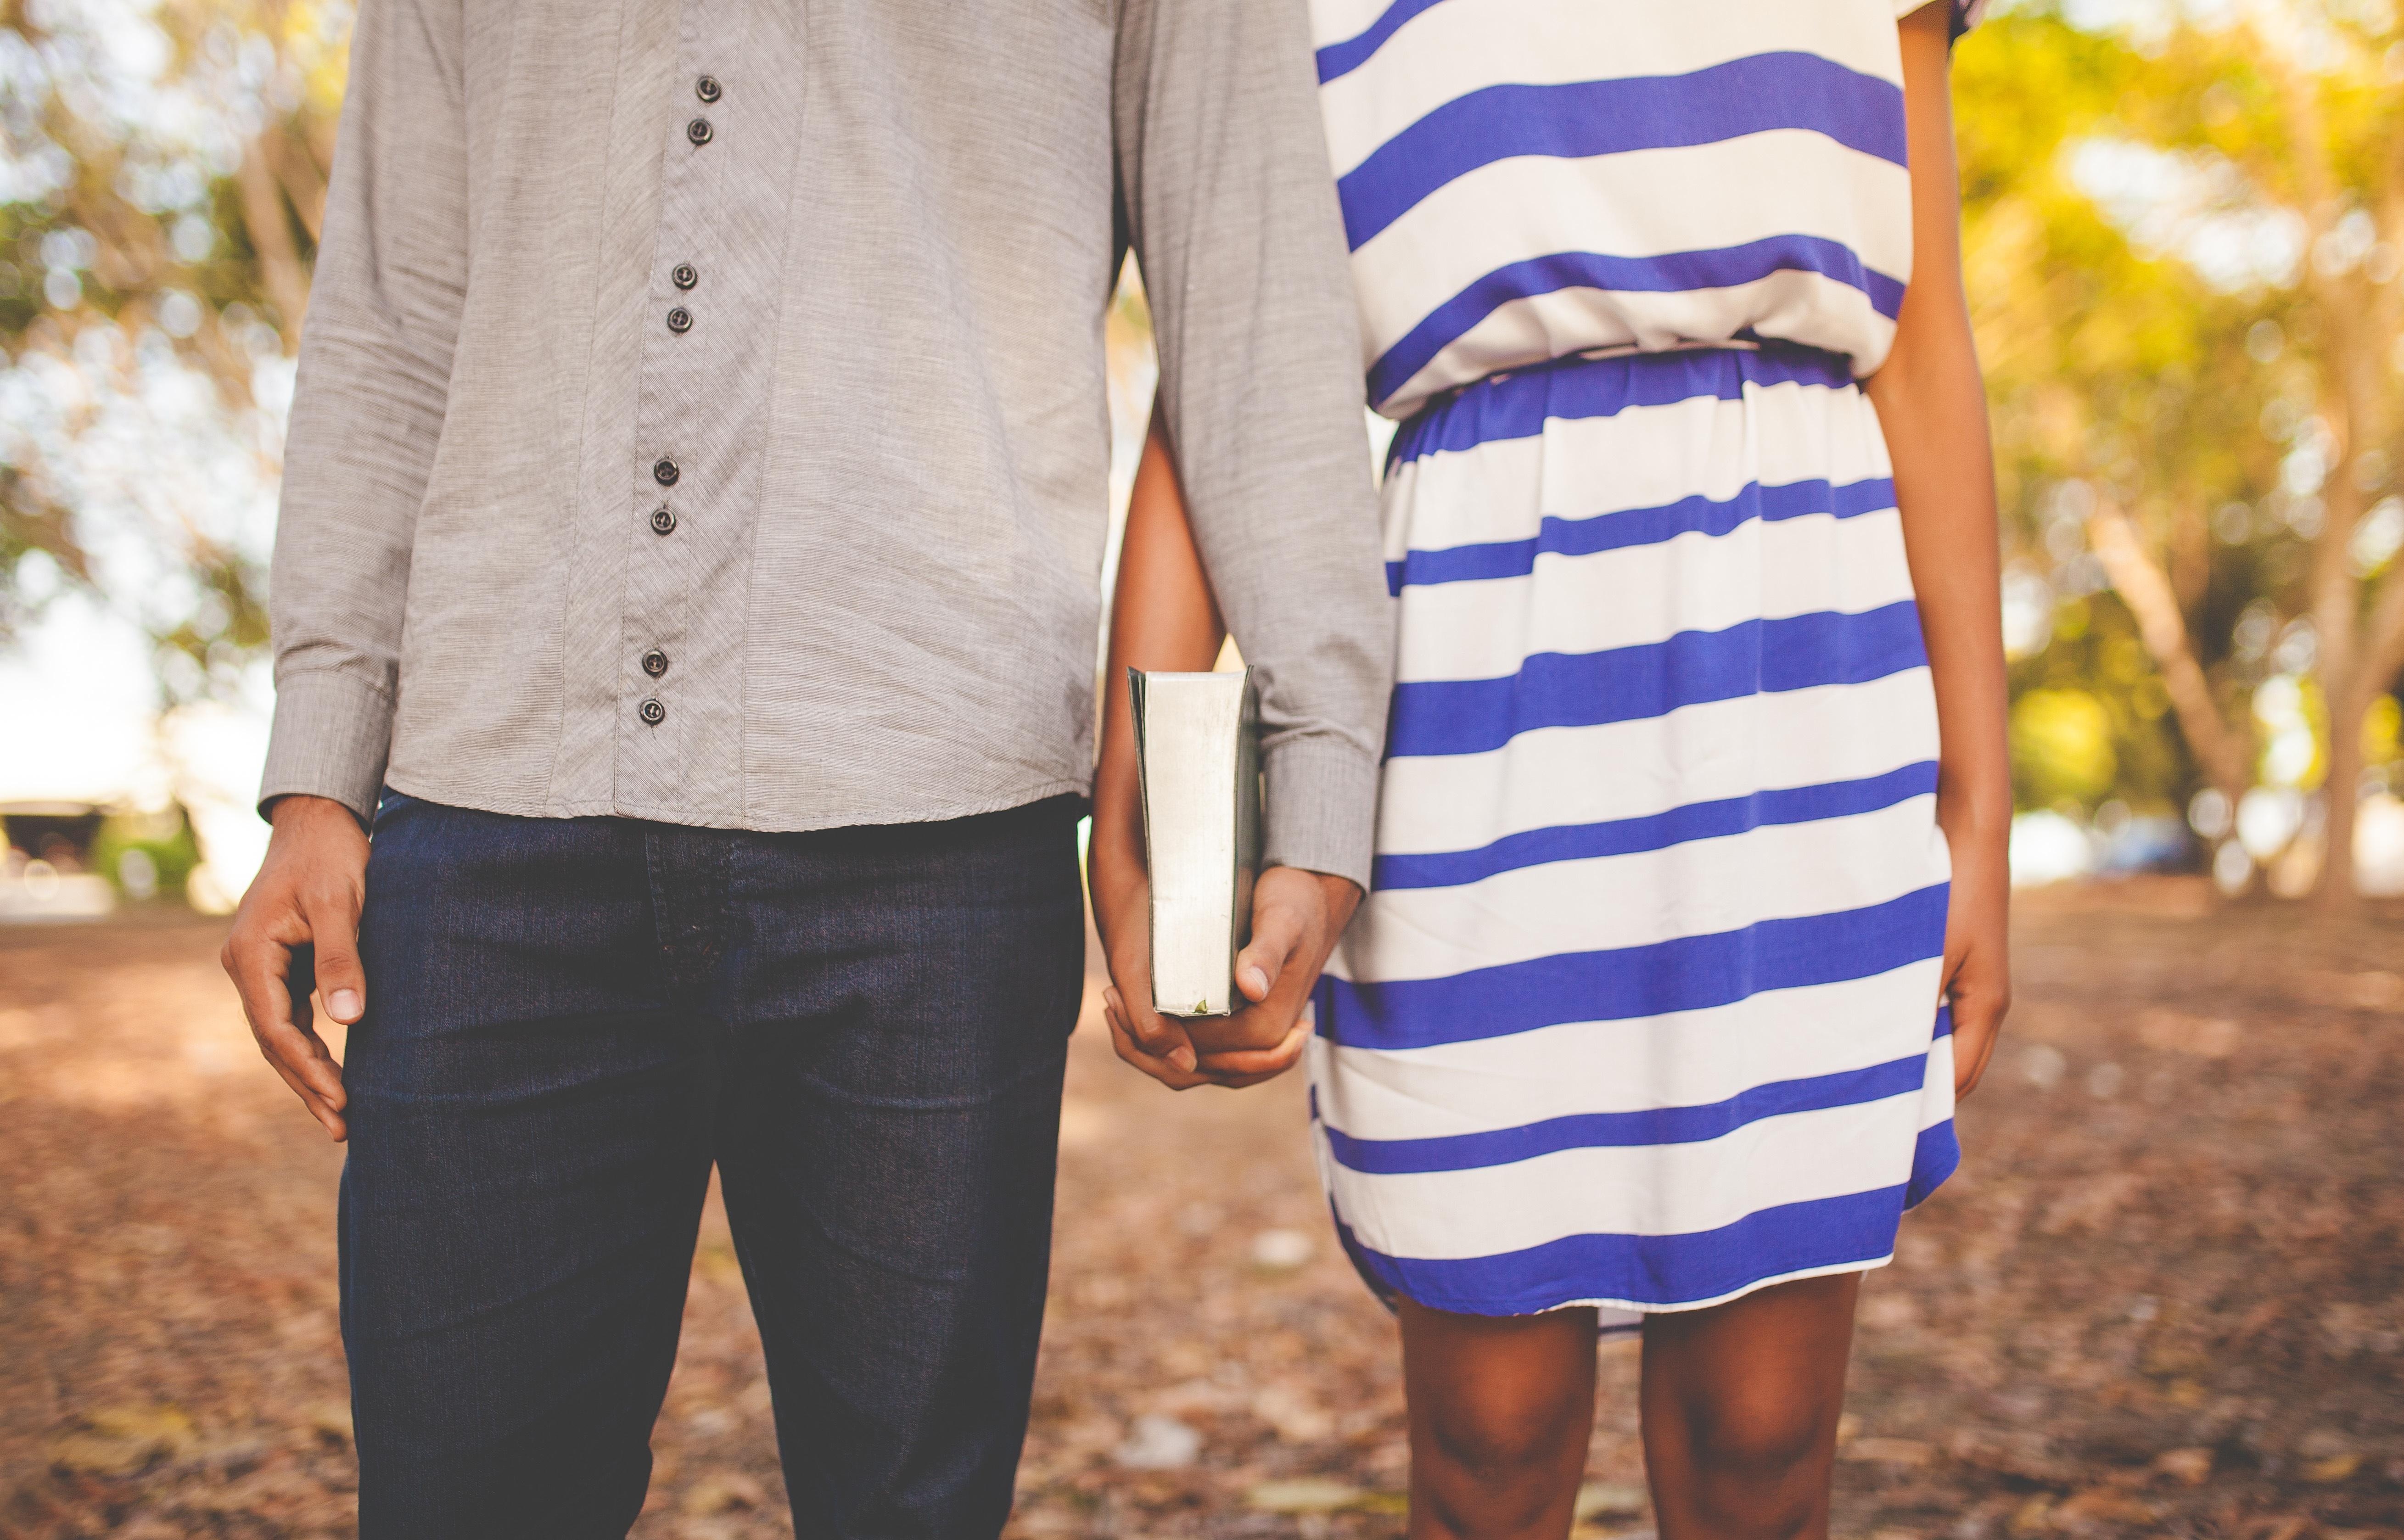 Publicystyka - Najpopularniejsze romanse ostatnich lat